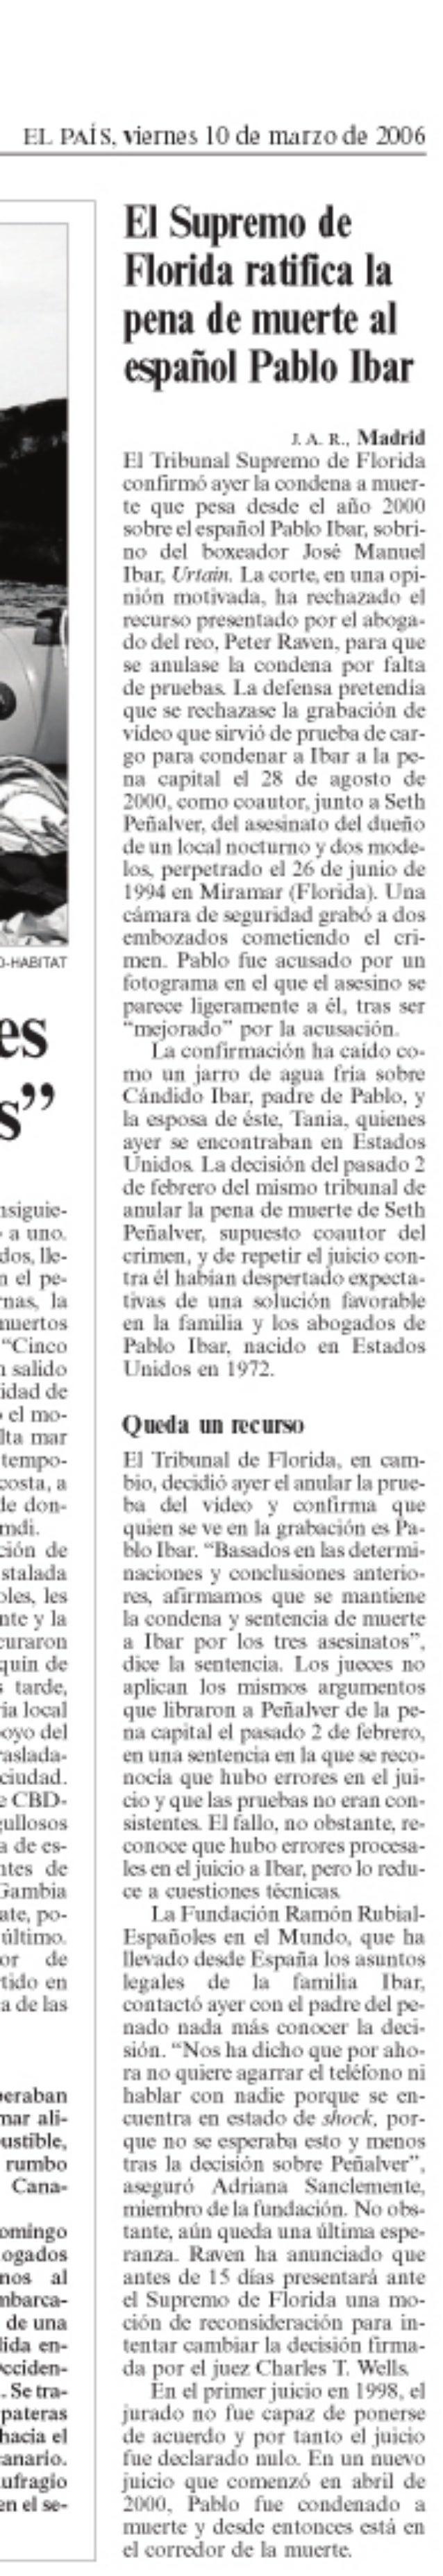 El Supremo de Florida ratifica la pena de muerte al español Pablo Ibar